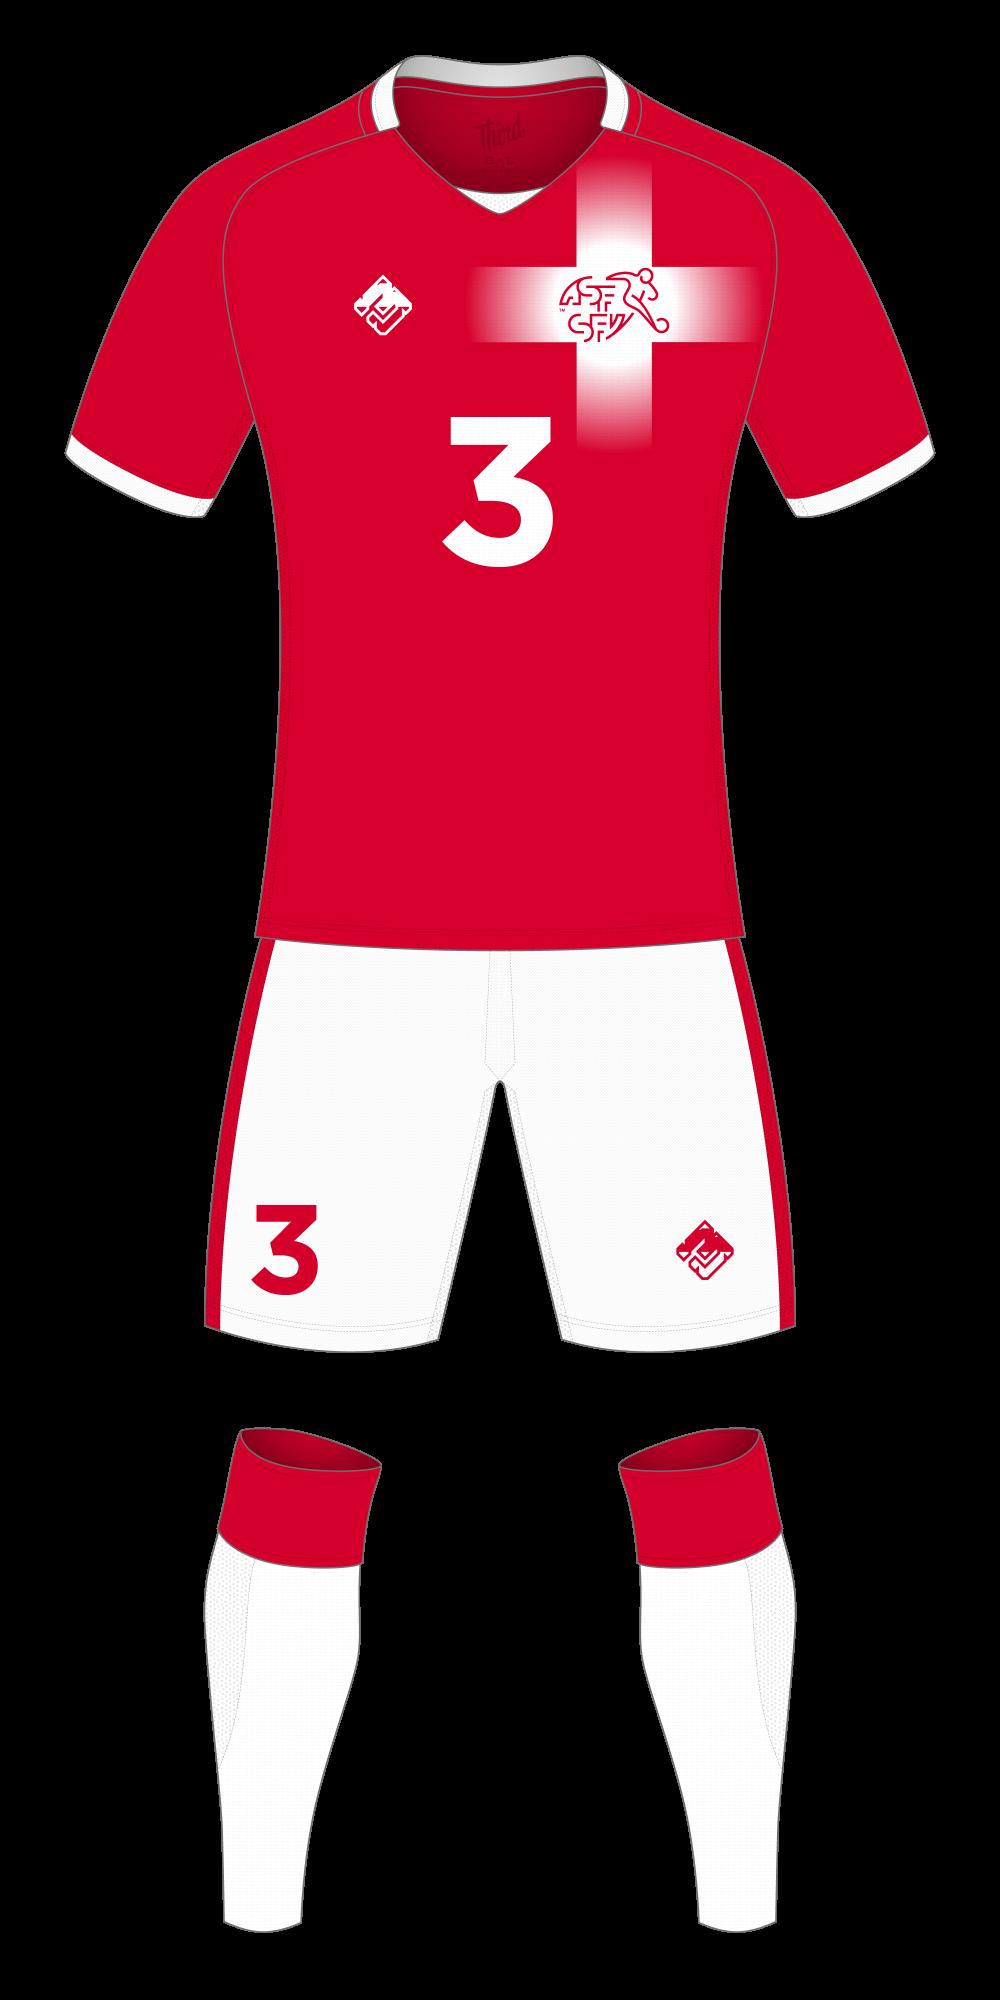 Switzerland World Cup 2018 concept